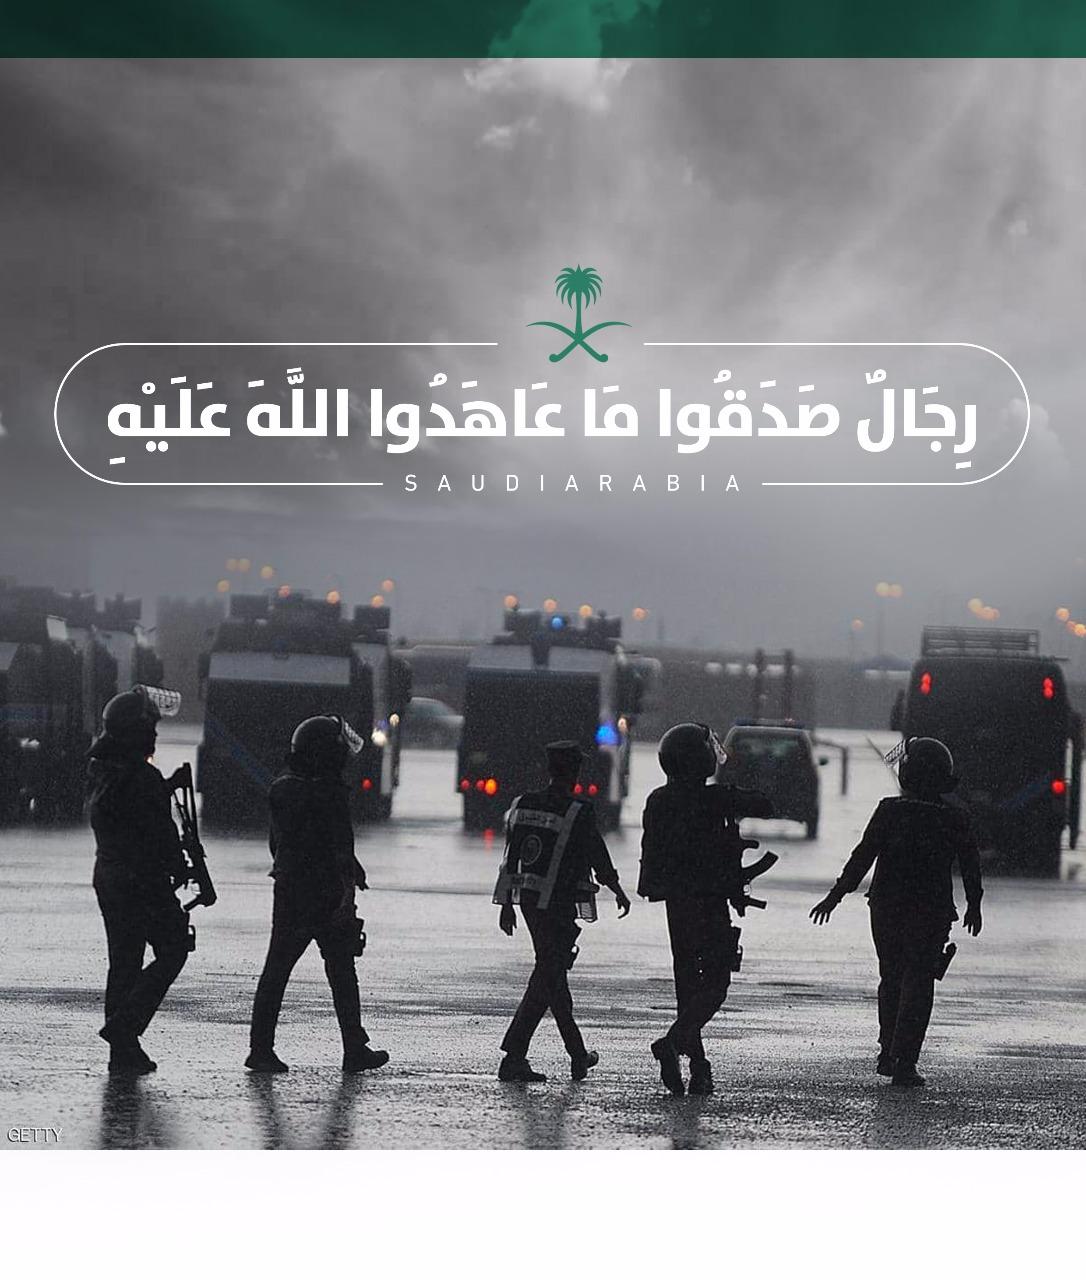 ولي العهد و الحرب على الإرهاب